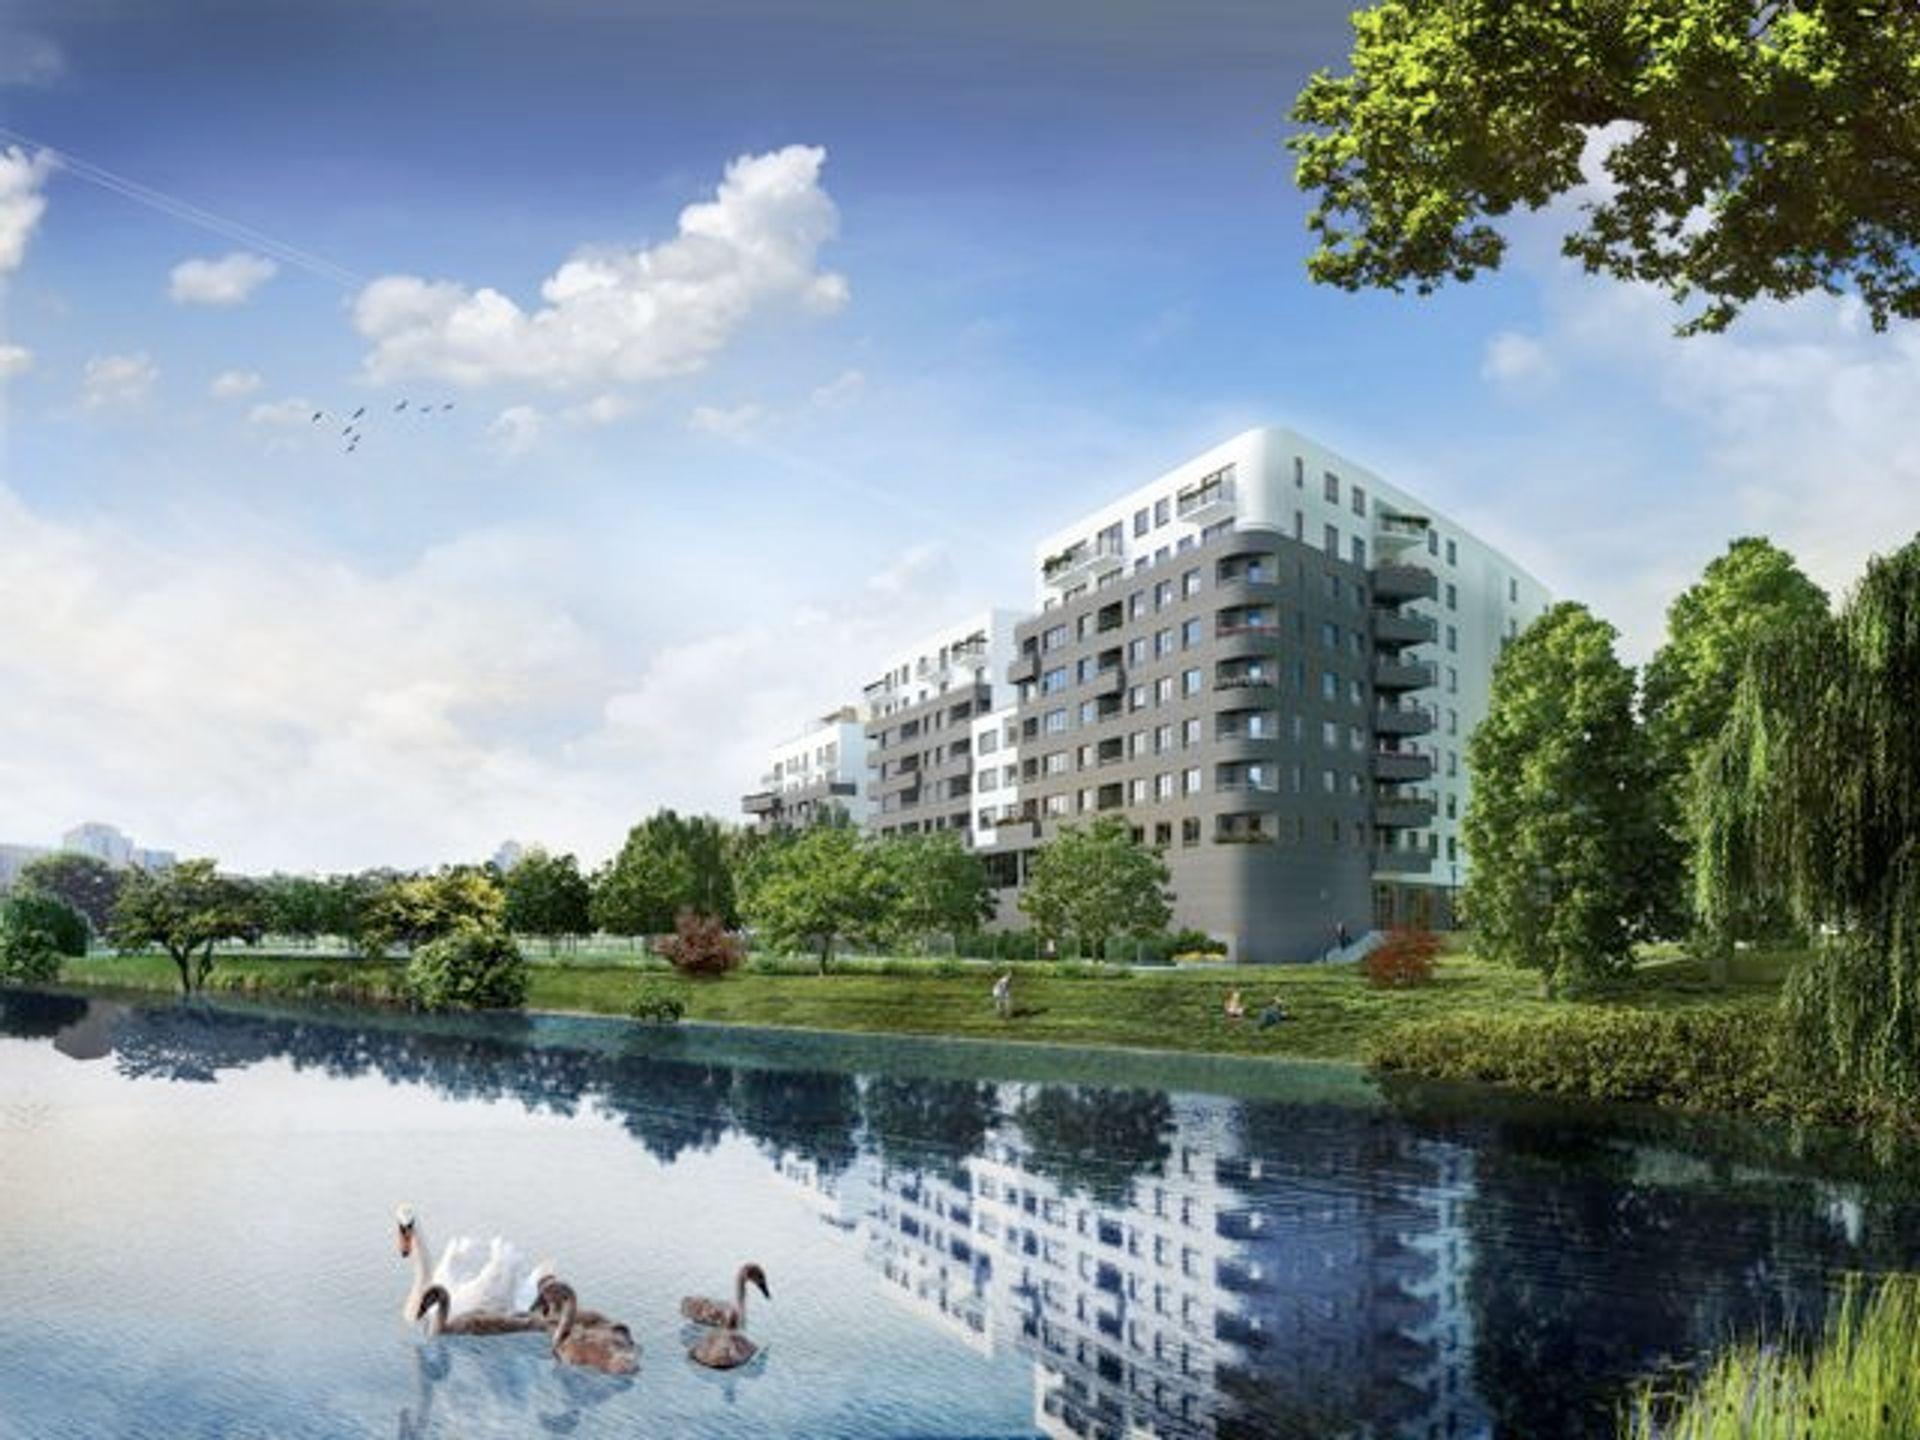 [Katowice] Rusza jedna z najbardziej oczekiwanych inwestycji mieszkaniowych w województwie śląskim